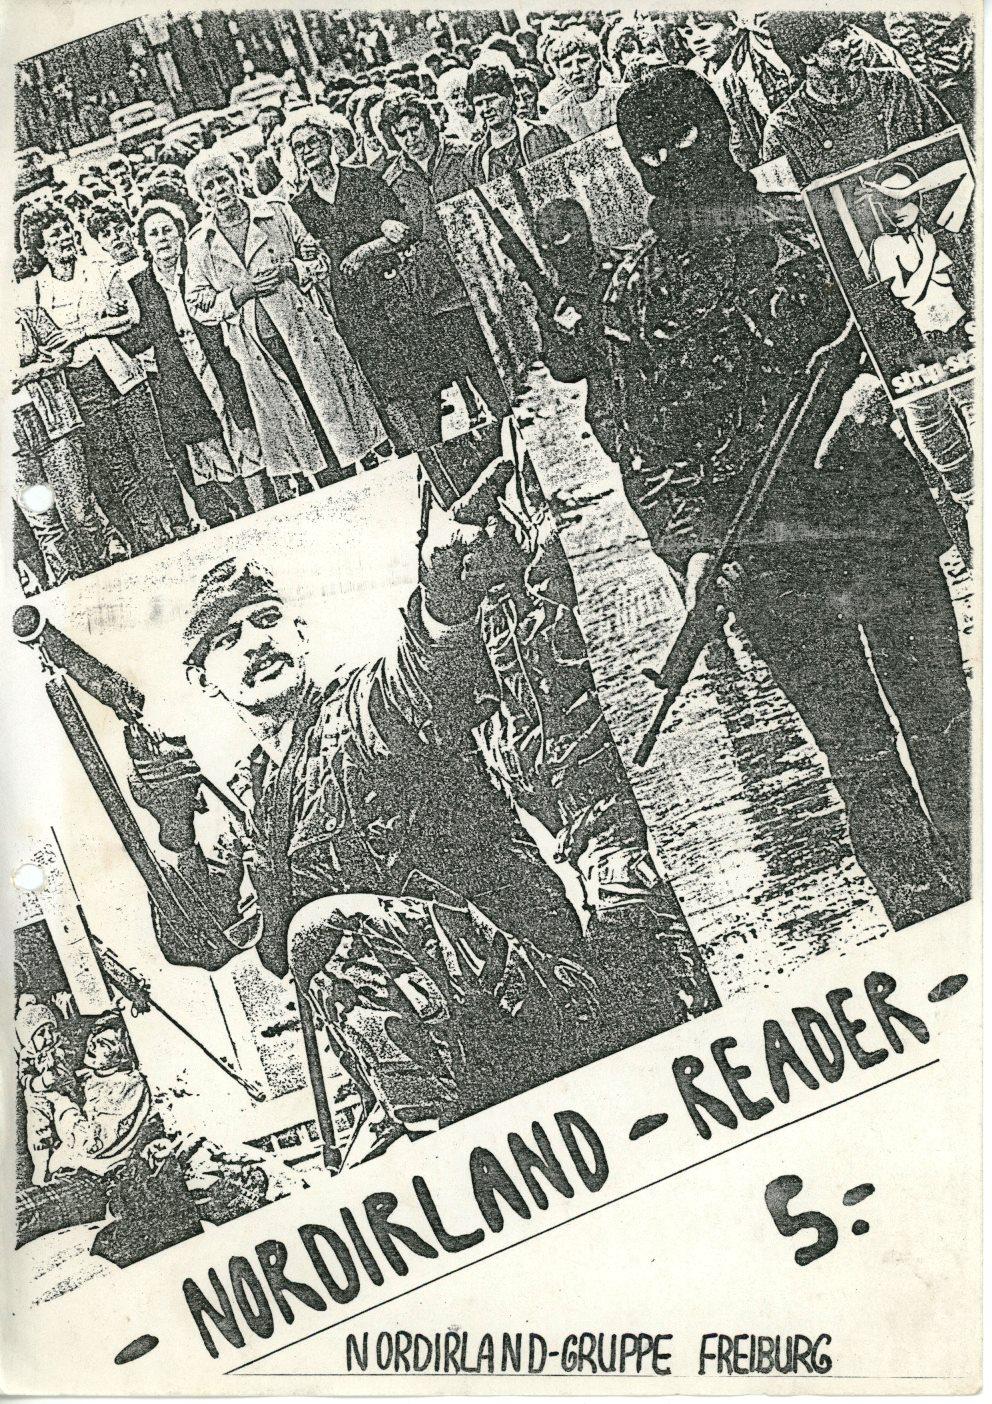 Freiburg_Nordirland_Reader_1988_01